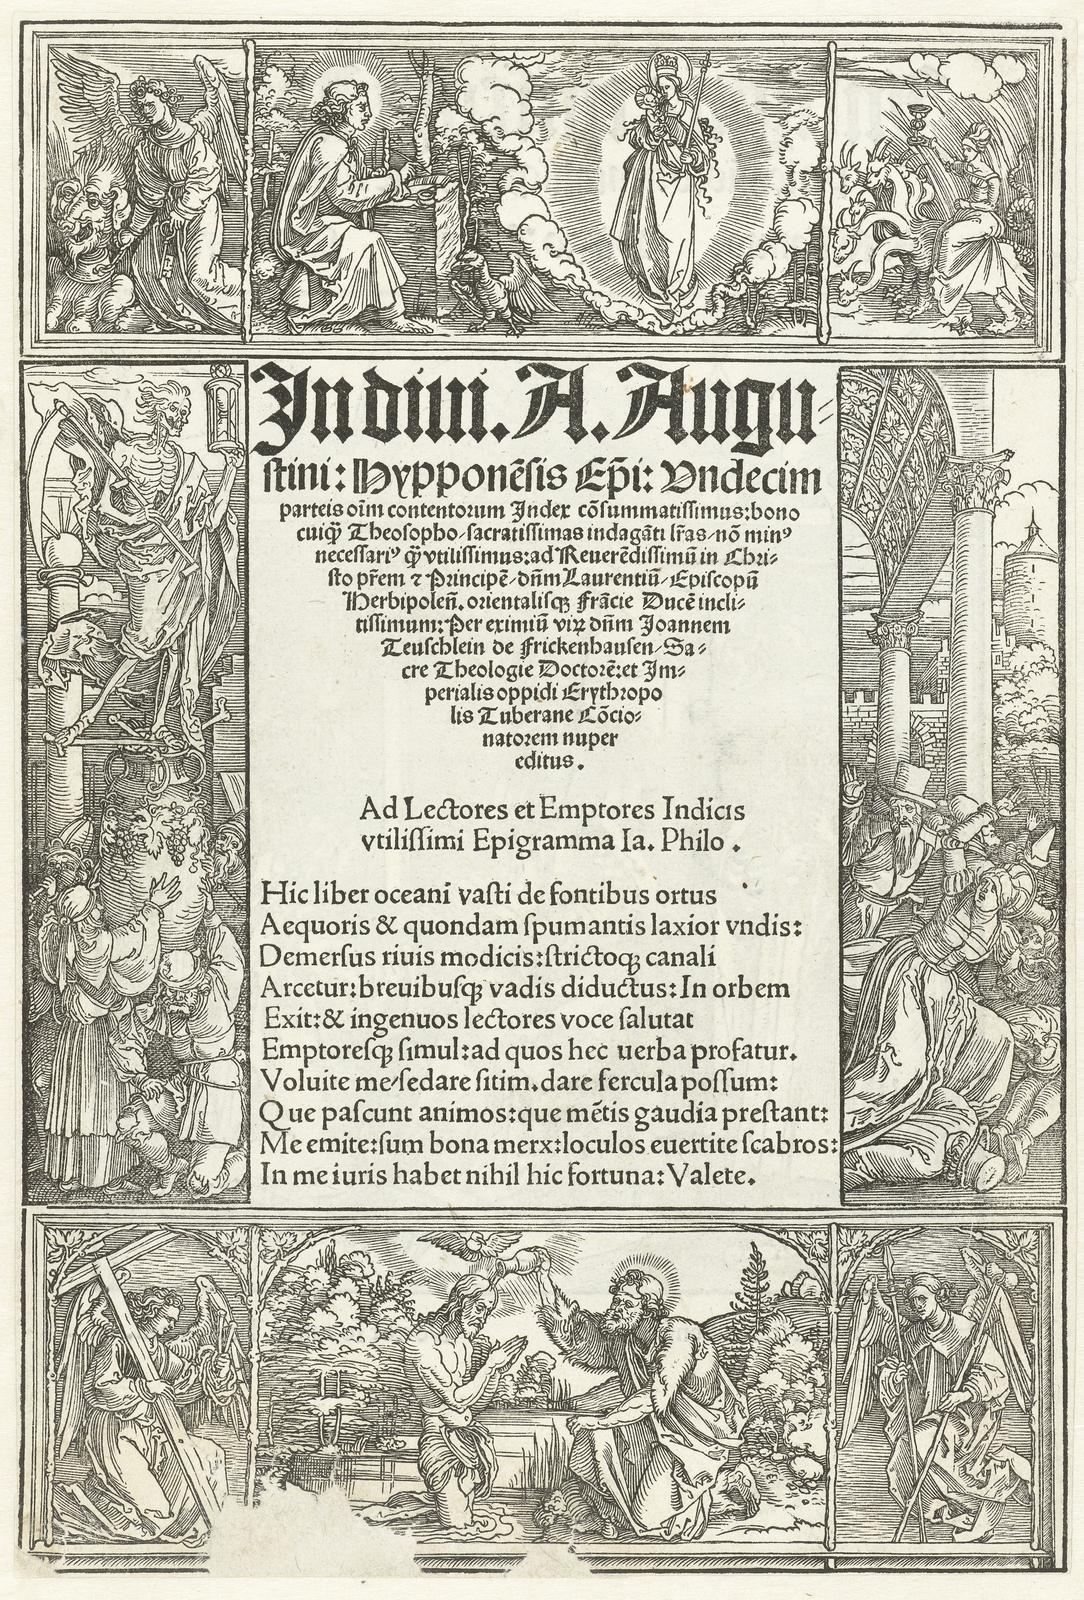 Titelblad met o.a. de doop van Christus en een visioen van Johannes de Evangelist